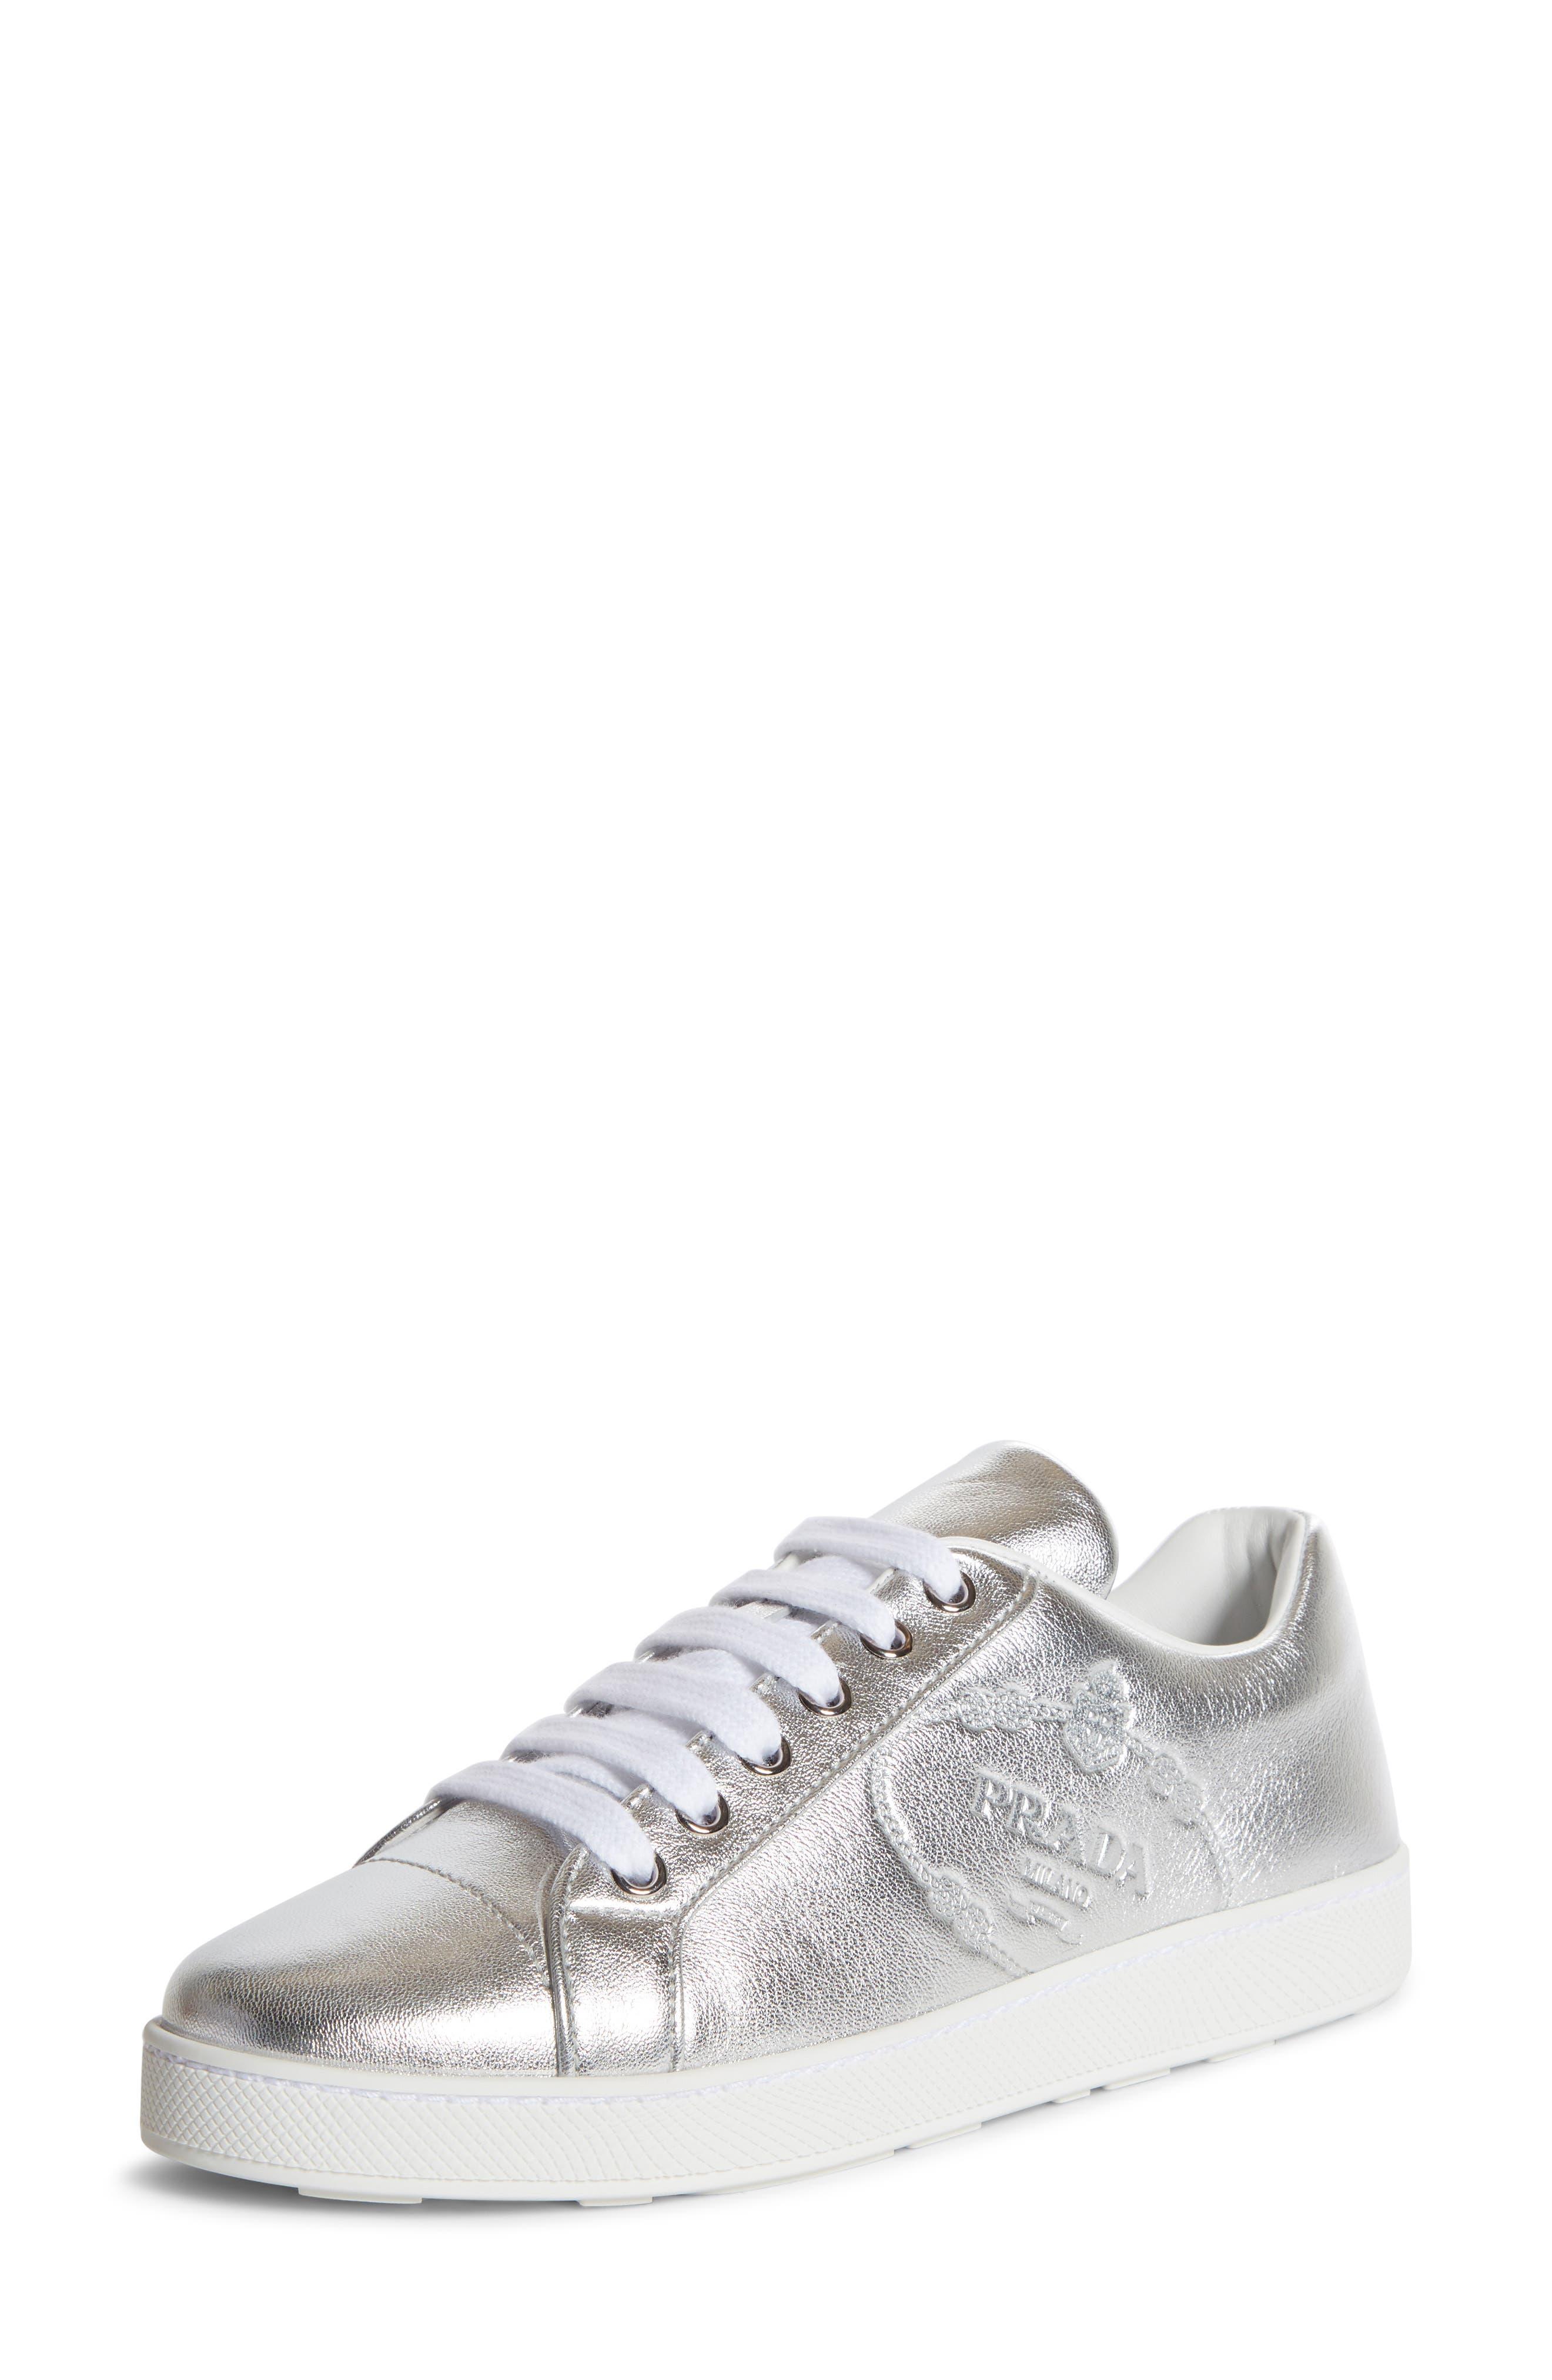 Prada Embossed Logo Metallic Sneaker